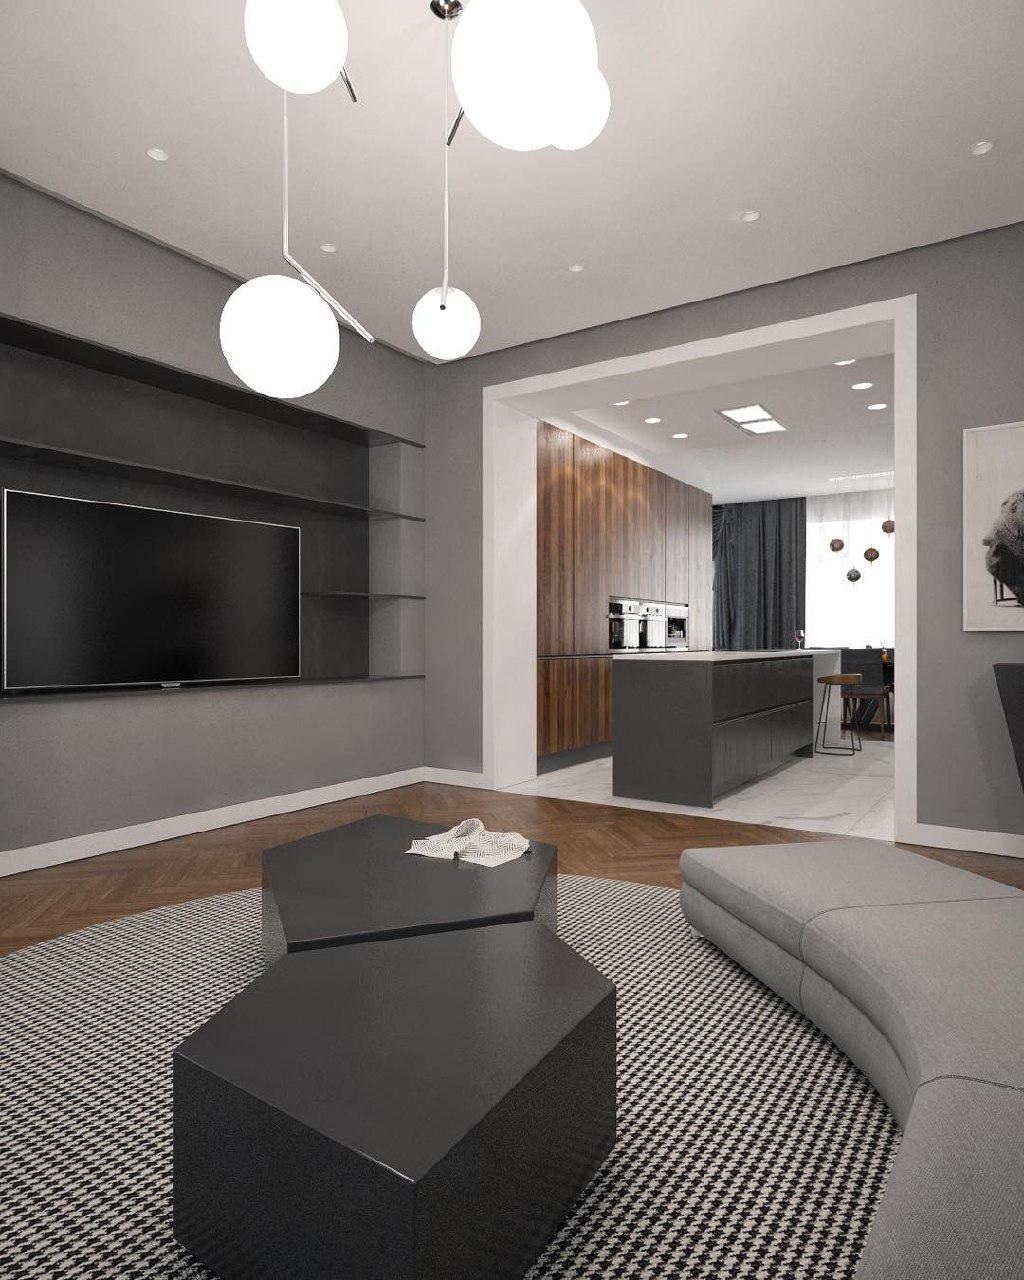 10 лучших стилей интерьера для маленьких квартир ! фото 1